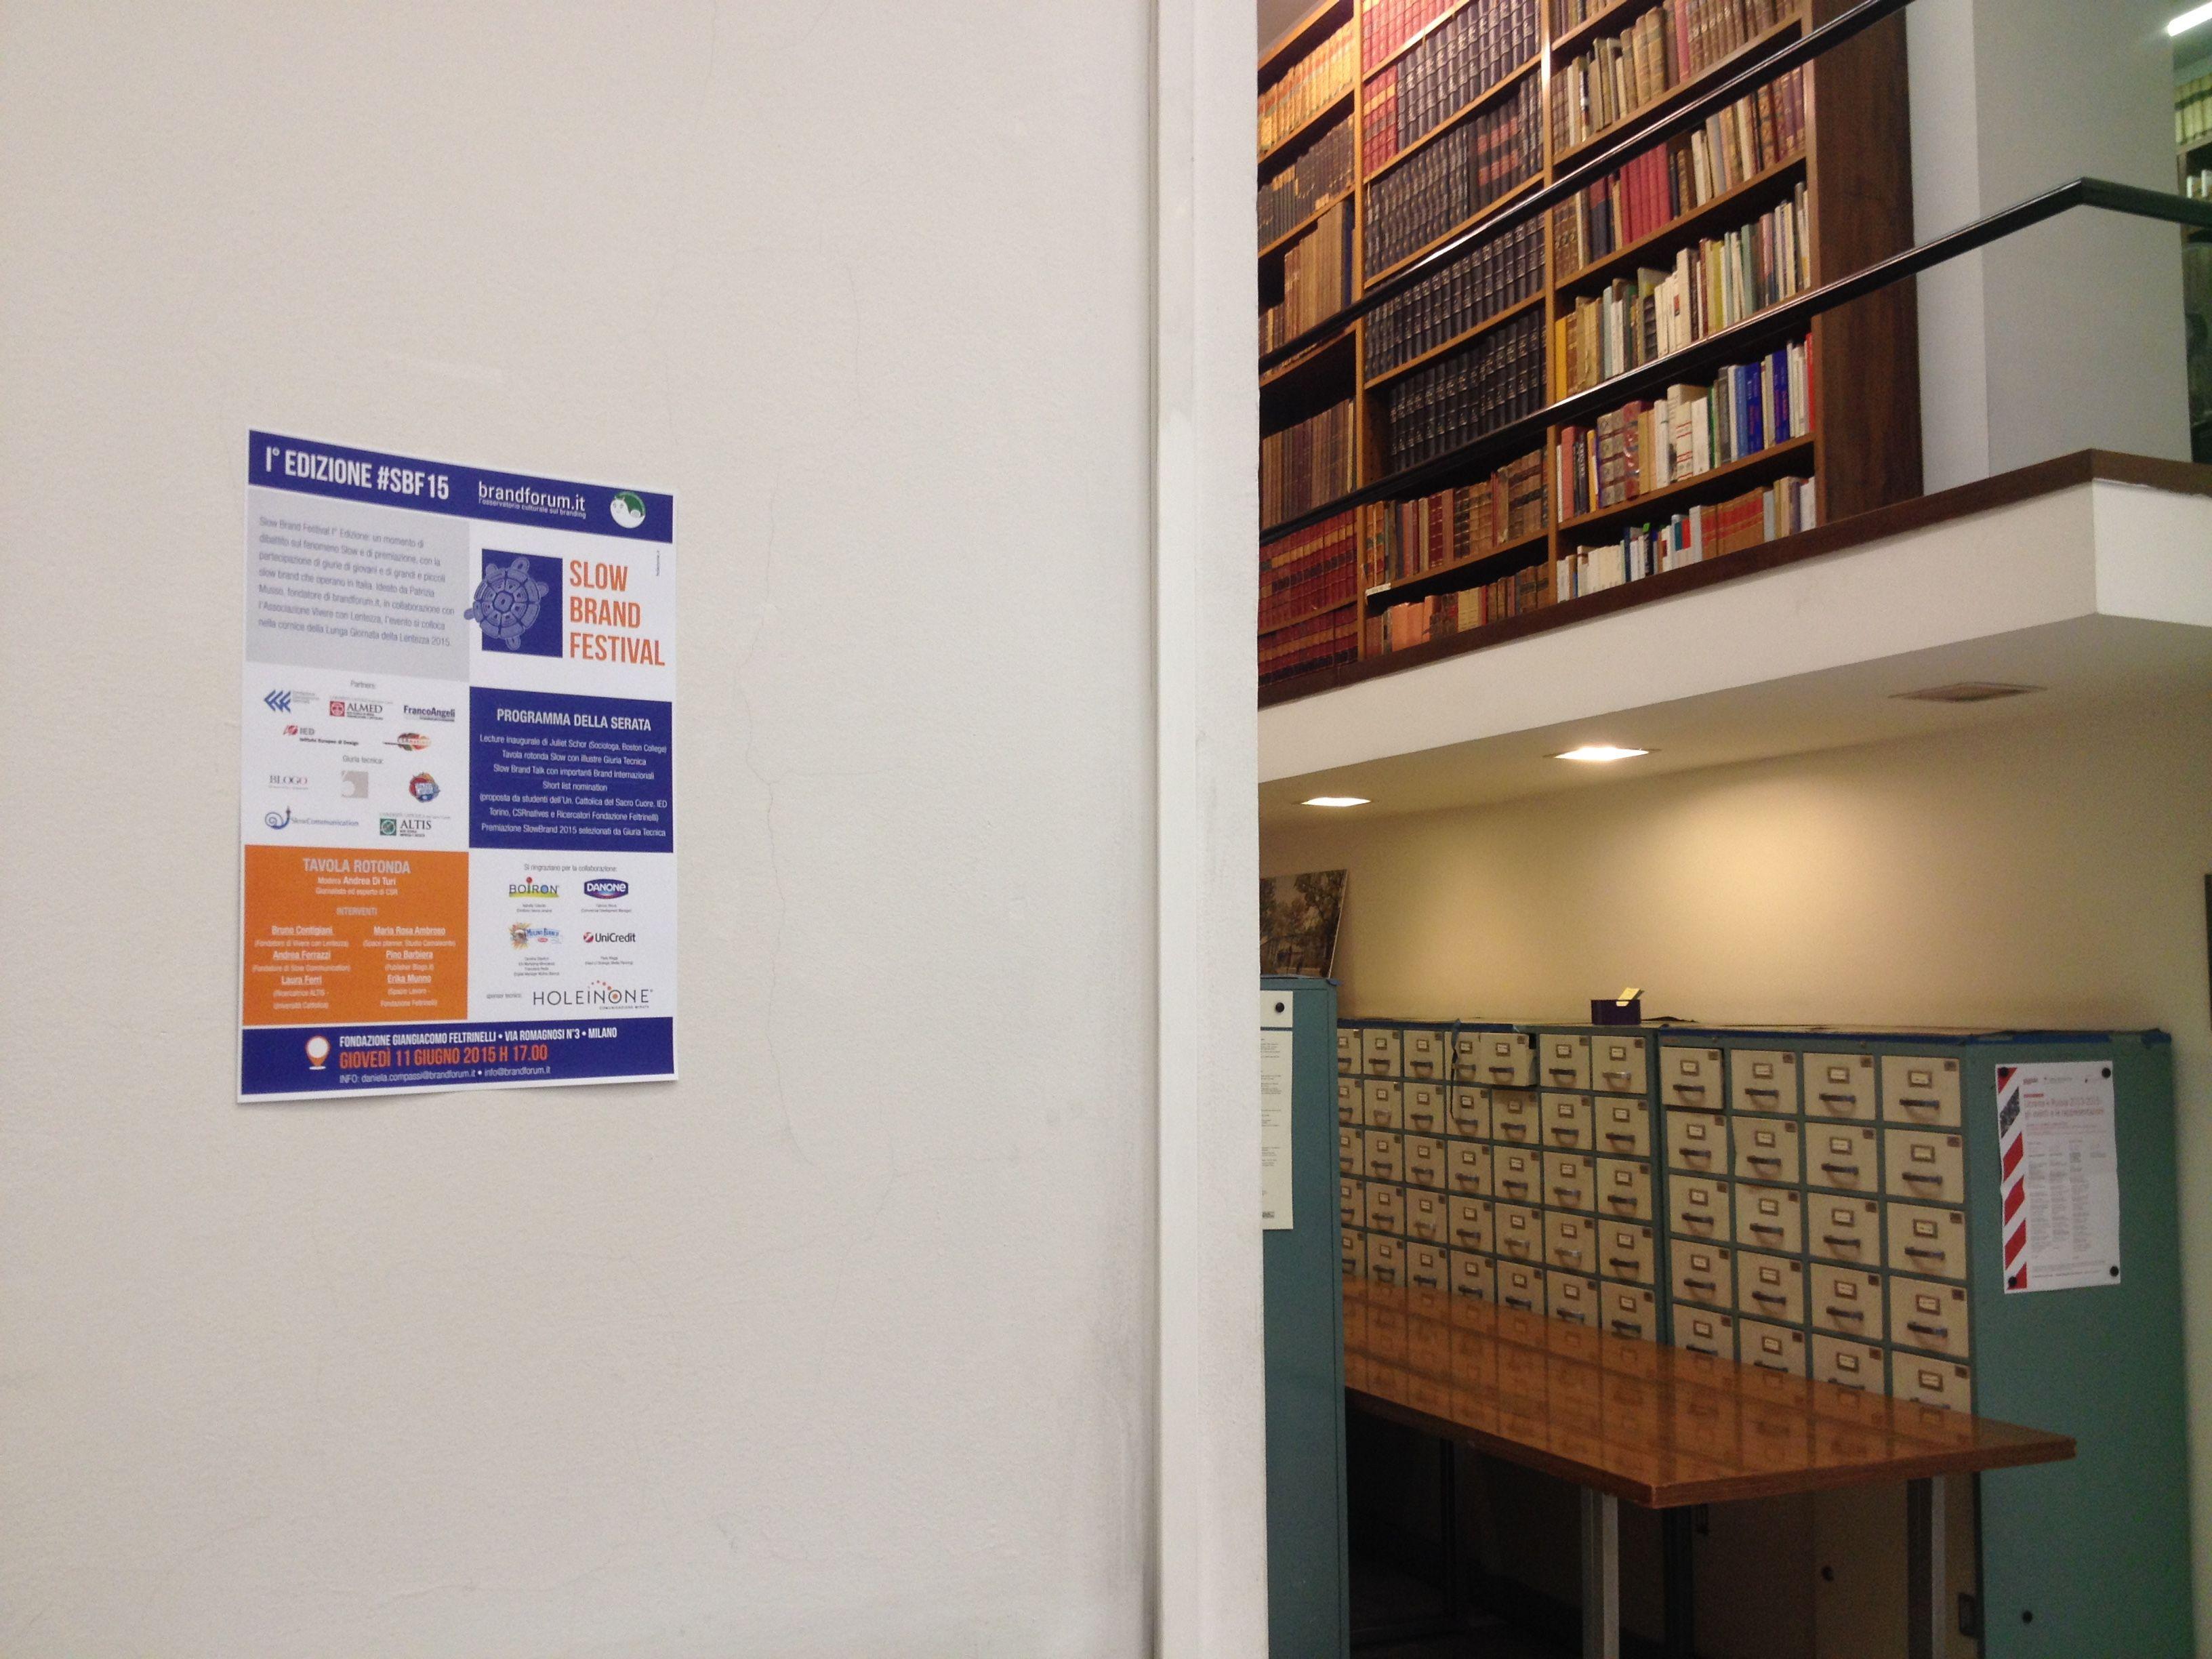 #SBF15 @Fondazione G. Feltrinelli a Milano Programma: http://brandforum.it/papers/1359/sbf-programma-dell-evento